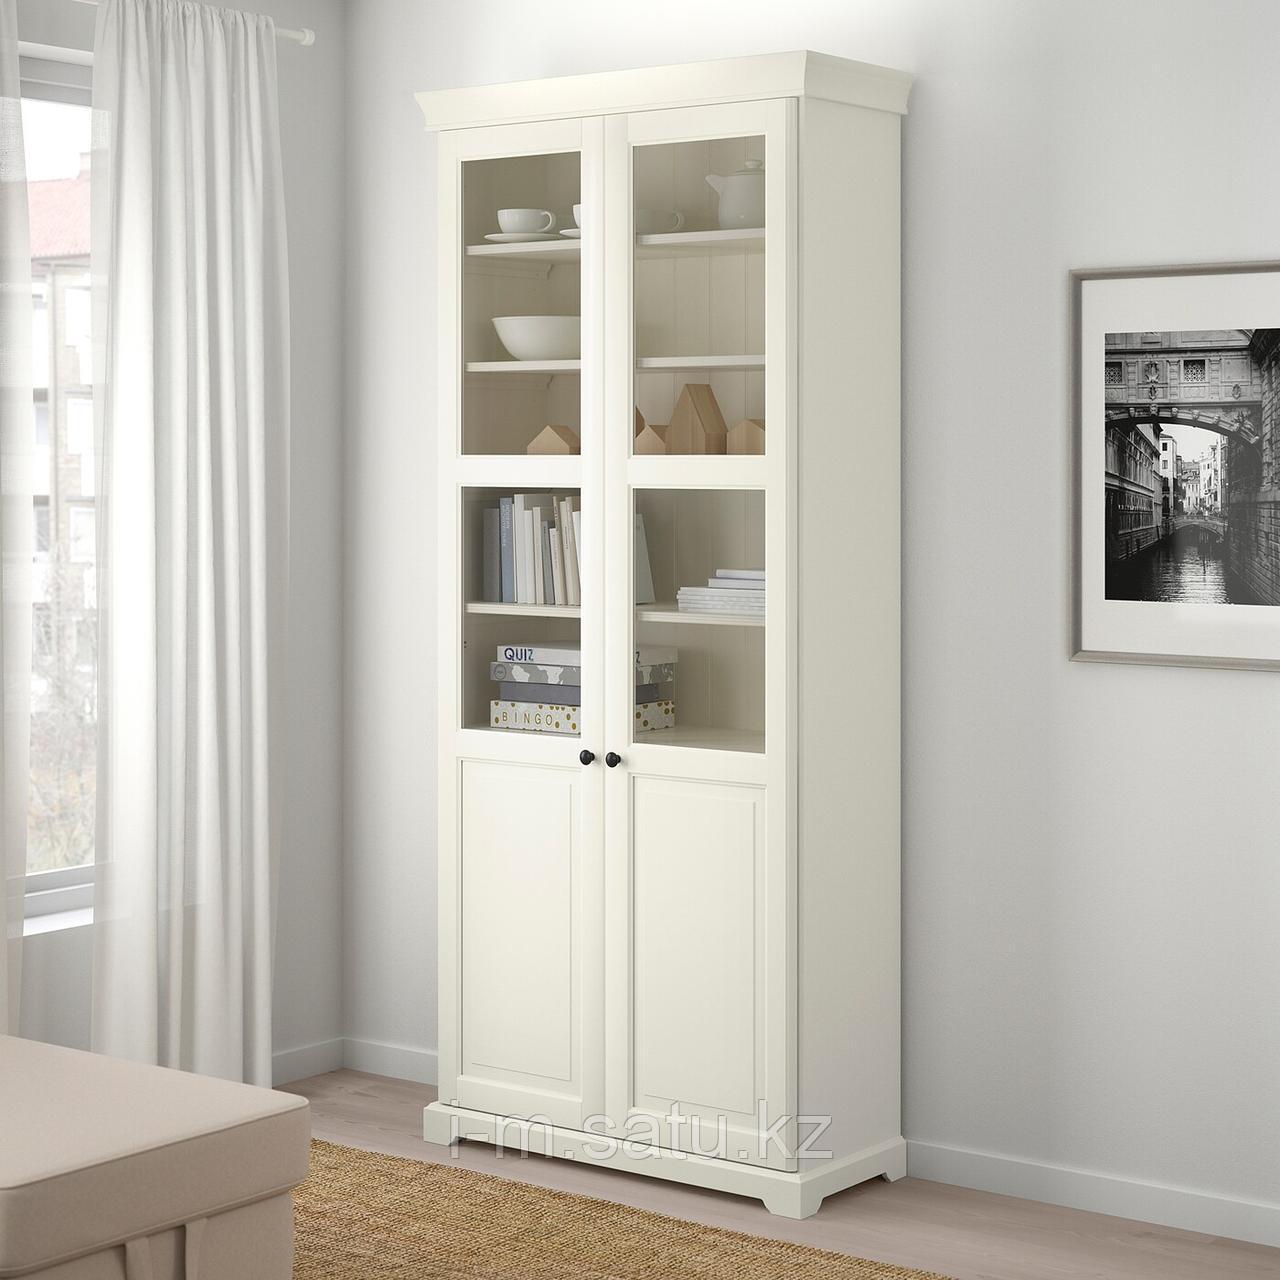 ЛИАТОРП Шкаф книжный со стеклянными дверьми, белый, 96x214 см